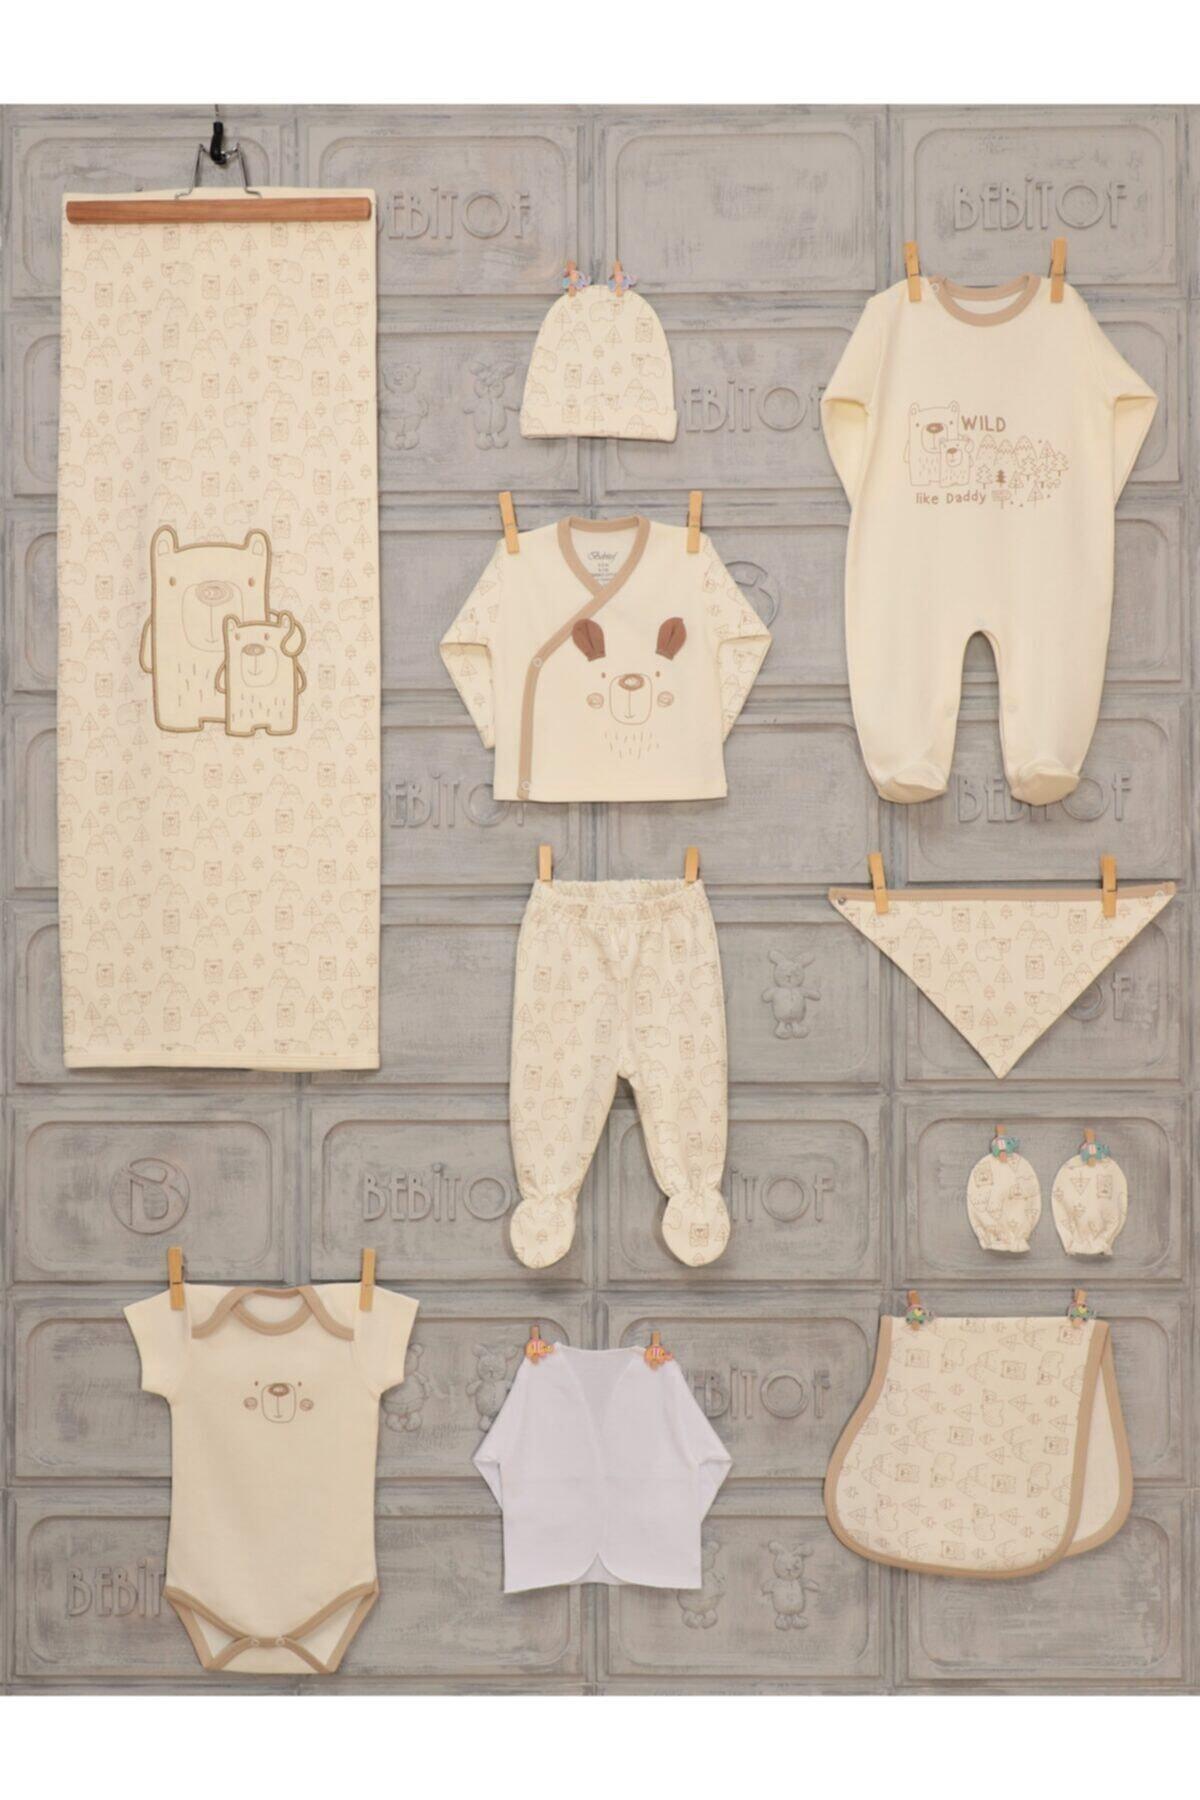 Bebitof Erkek Bebek 0-3 Ay Anne Ayıcık 10 Lu Hastane Çıkışı Tulumlu Model 1